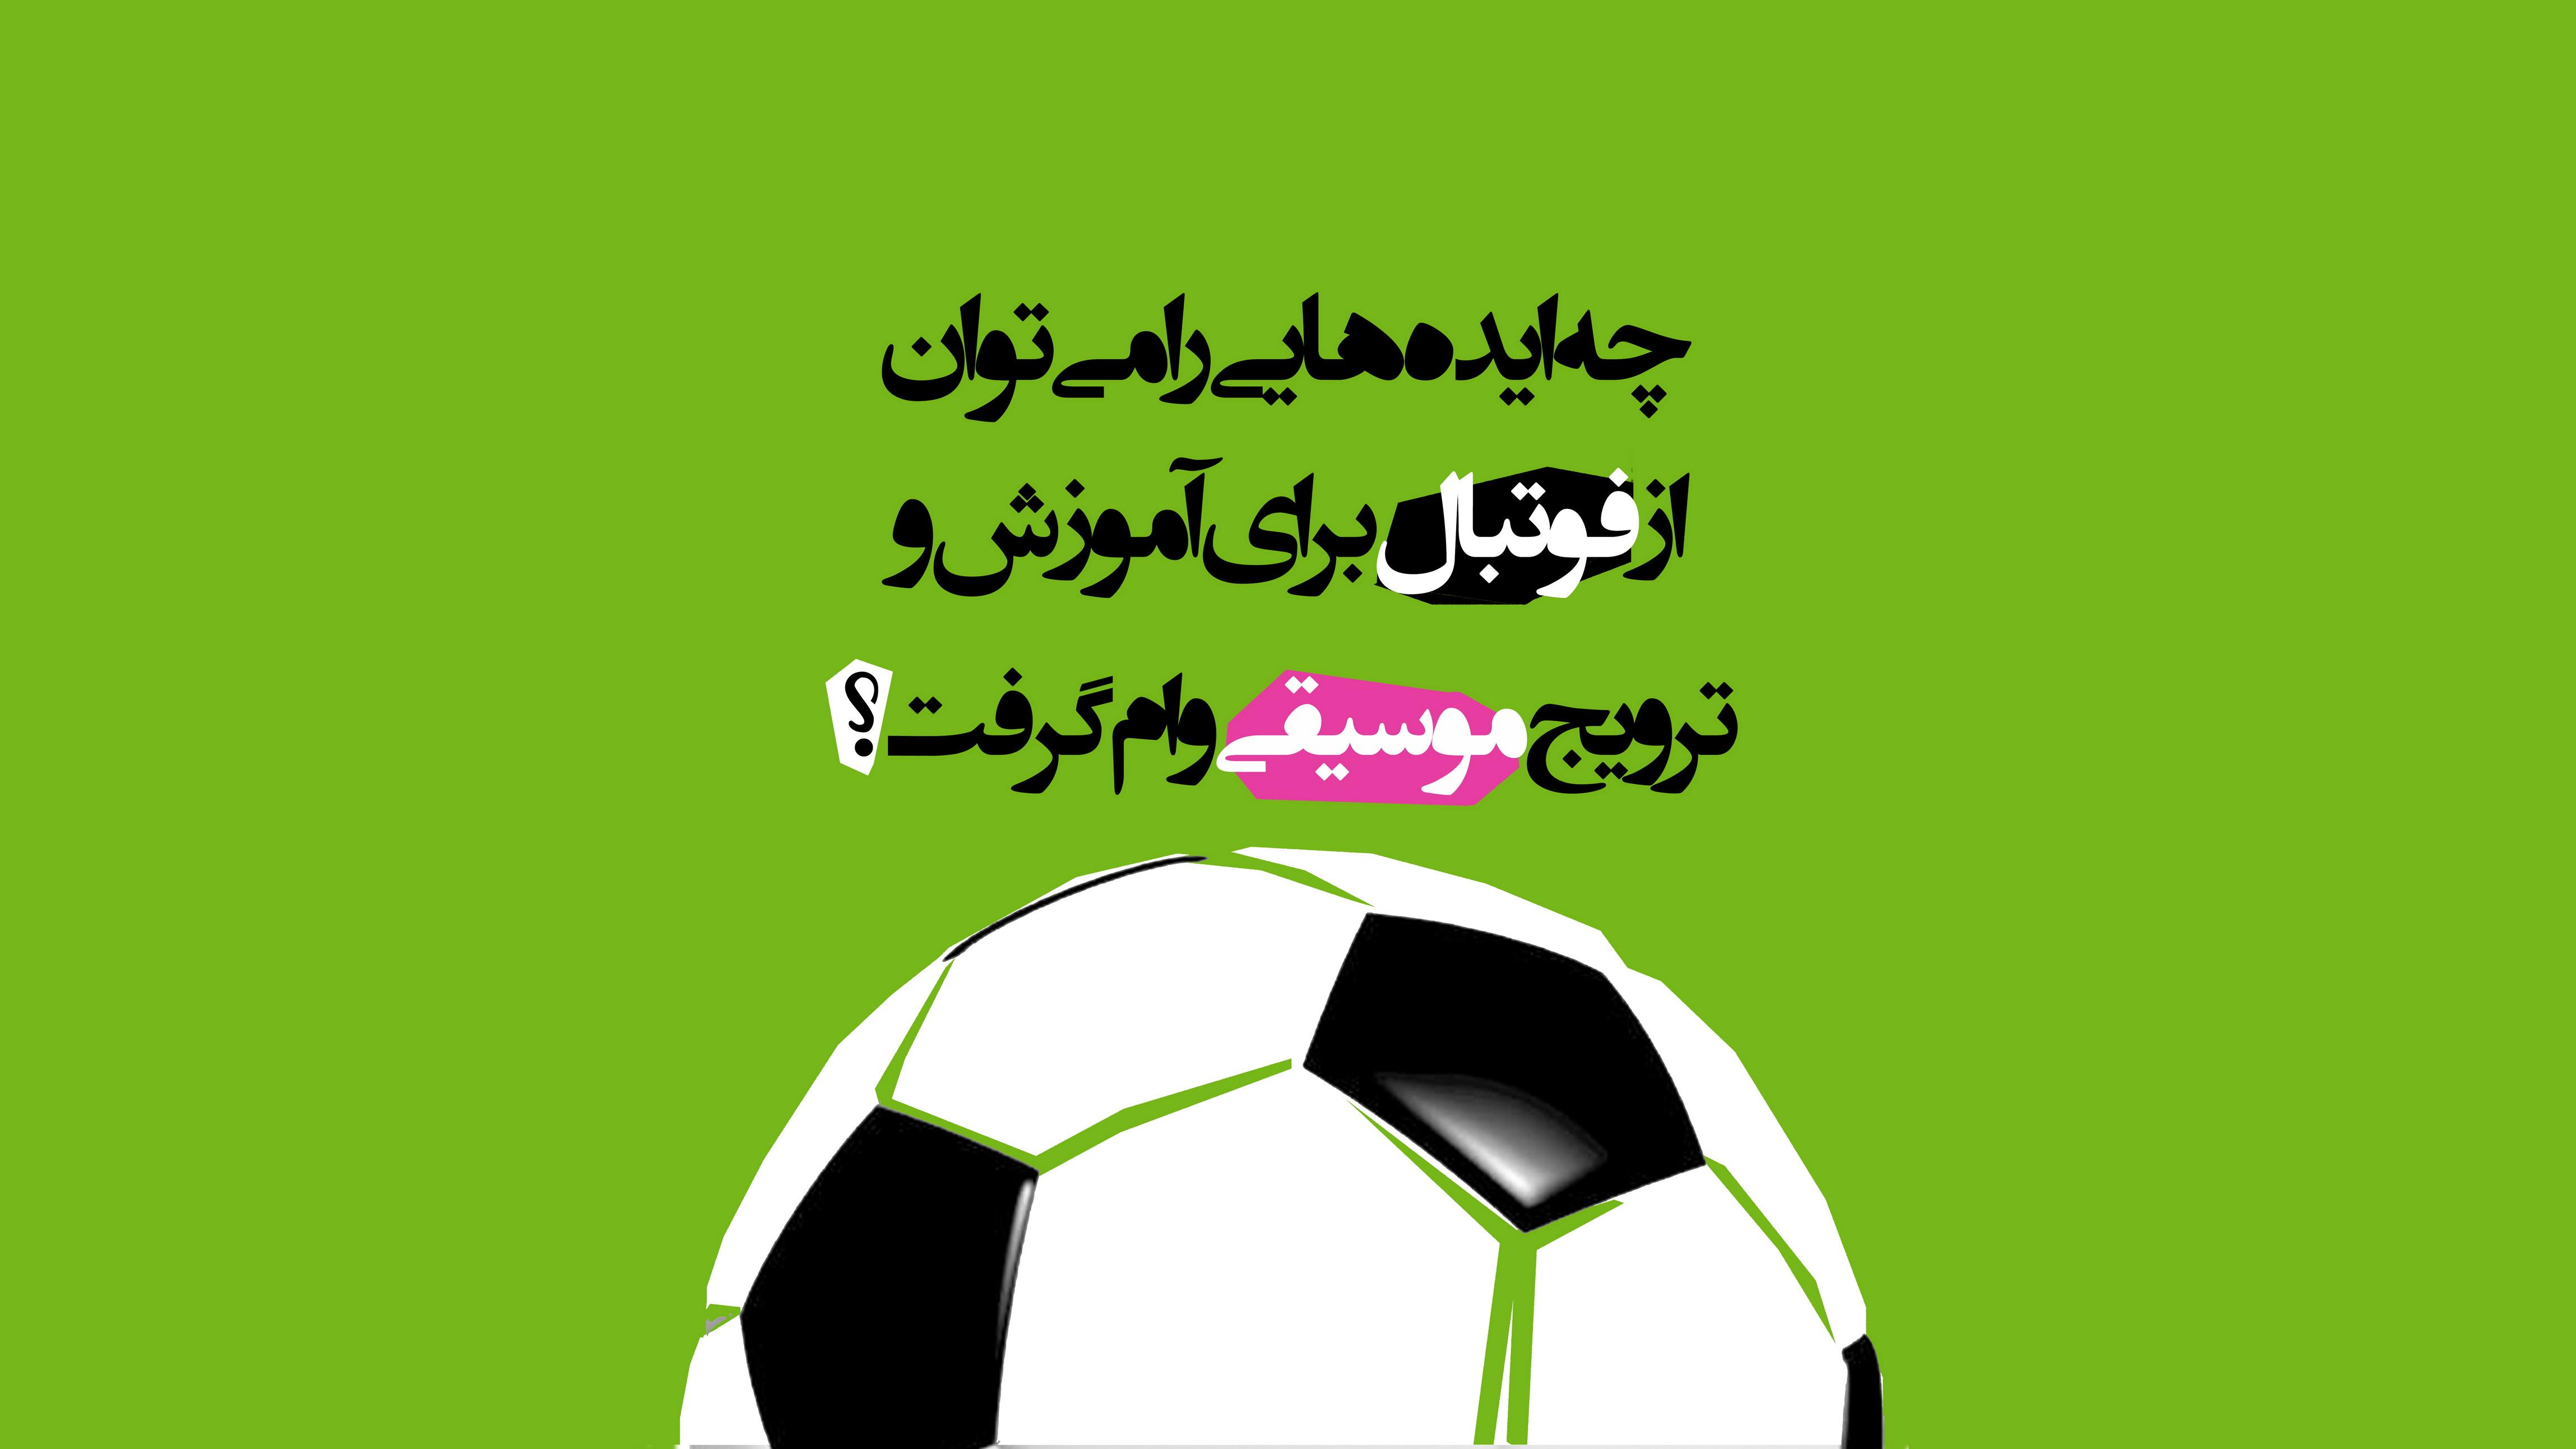 چه ایدههایی را میتوان از فوتبال برای آموزش و ترویج موسیقی وام گرفت؟ 1